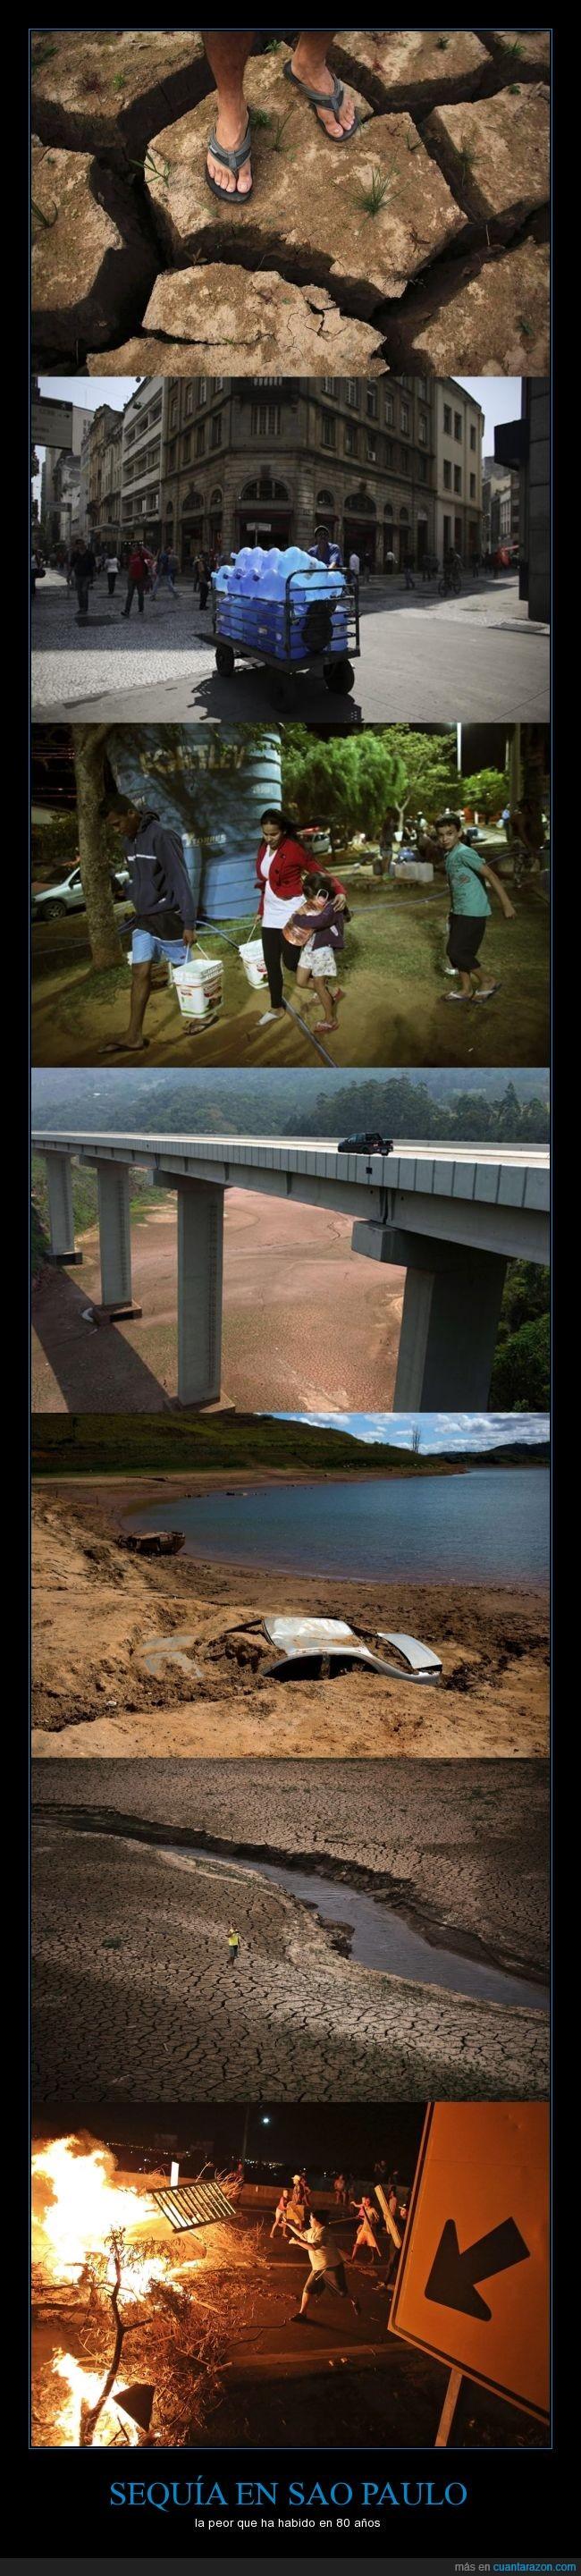 agua,Brasil,cambio climático,clima,embalse,escasez,lluvia,protesta,sao paulo,sequía